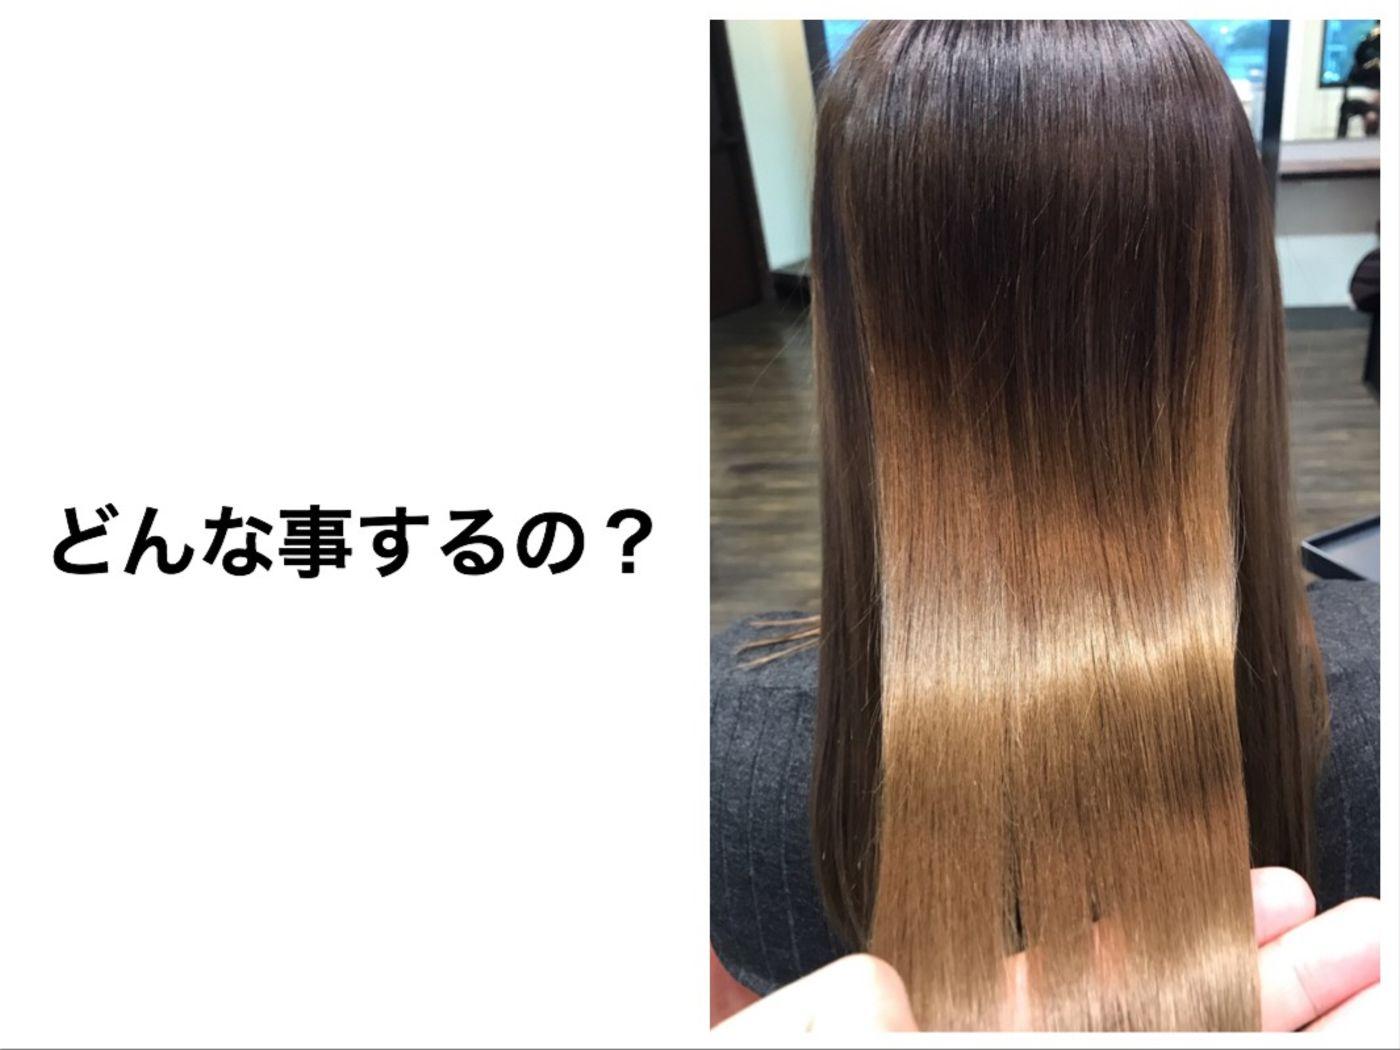 サラサラになる髪質改善は実際にどんなことをするの?